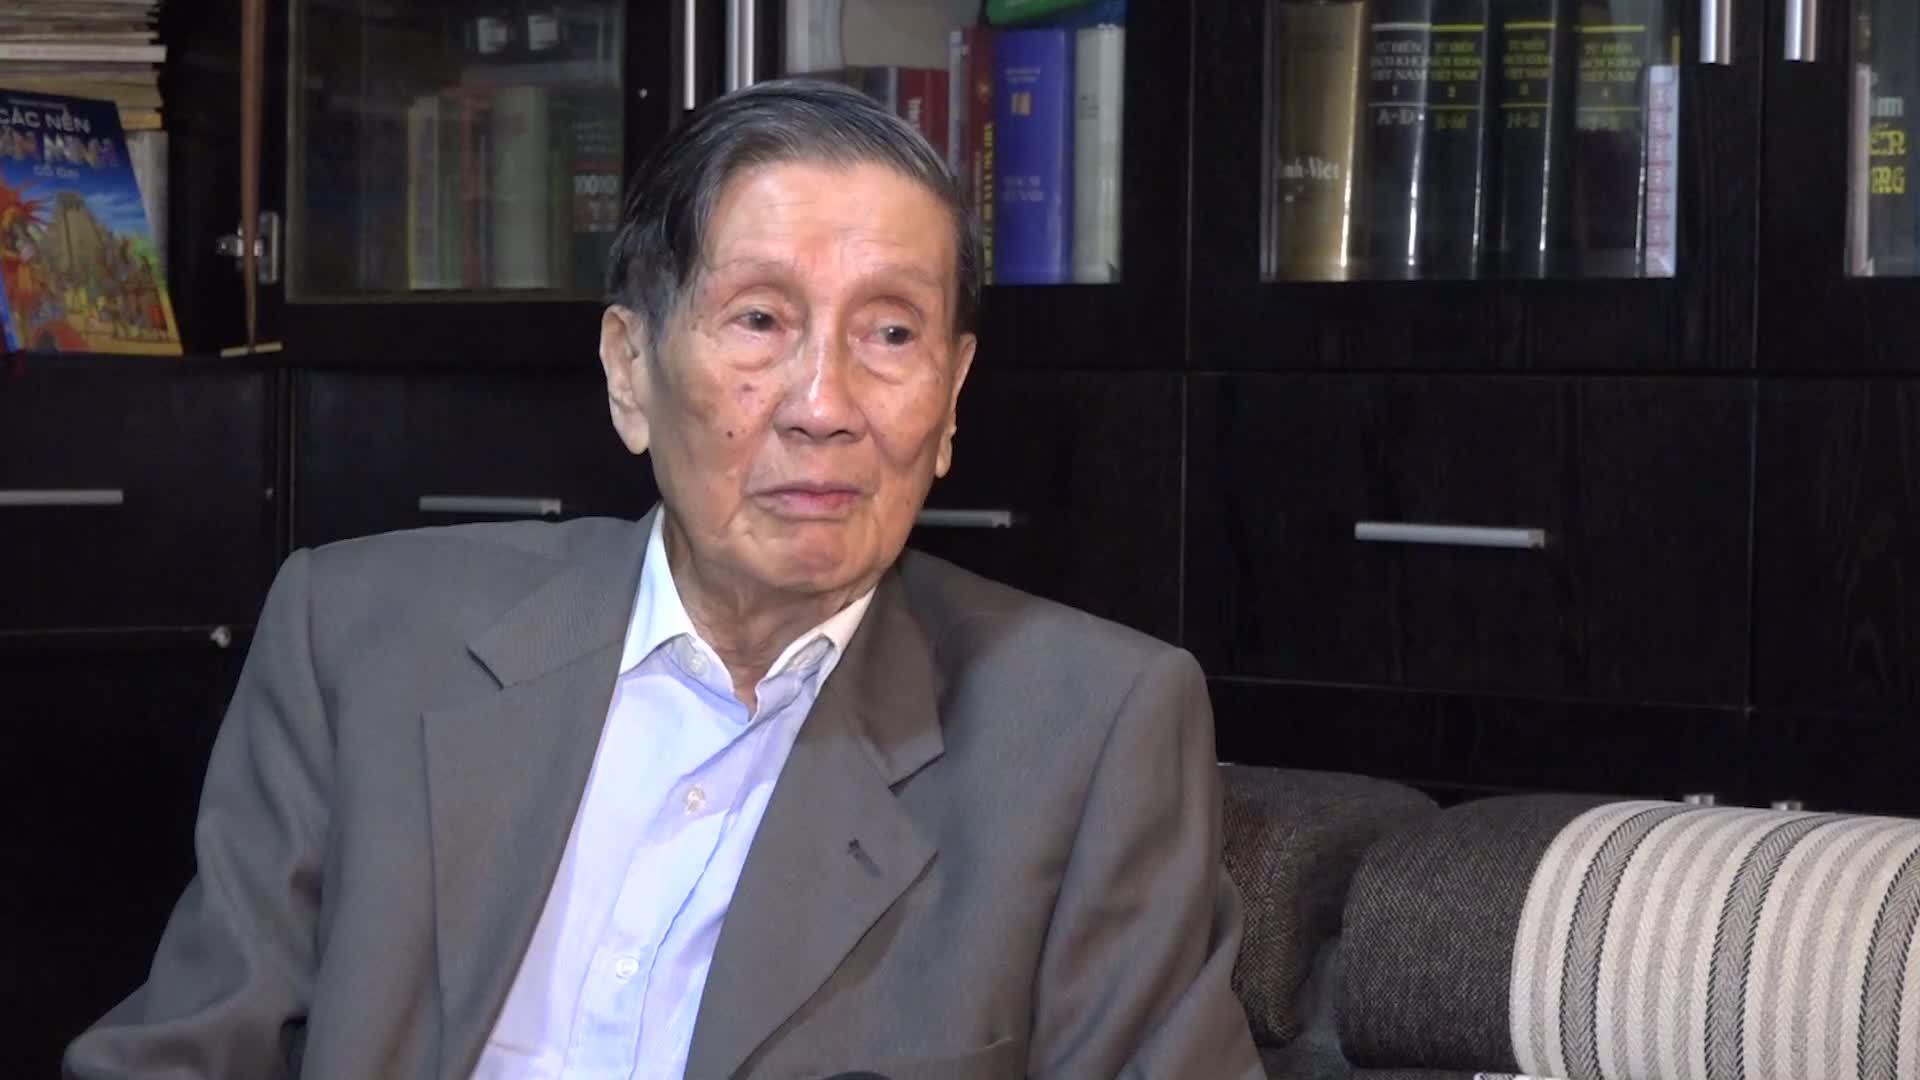 Nhạc sĩ Phạm Tuyên kể chuyện sáng tác ca khúc 'Chiến đấu vì độc lập, tự do'